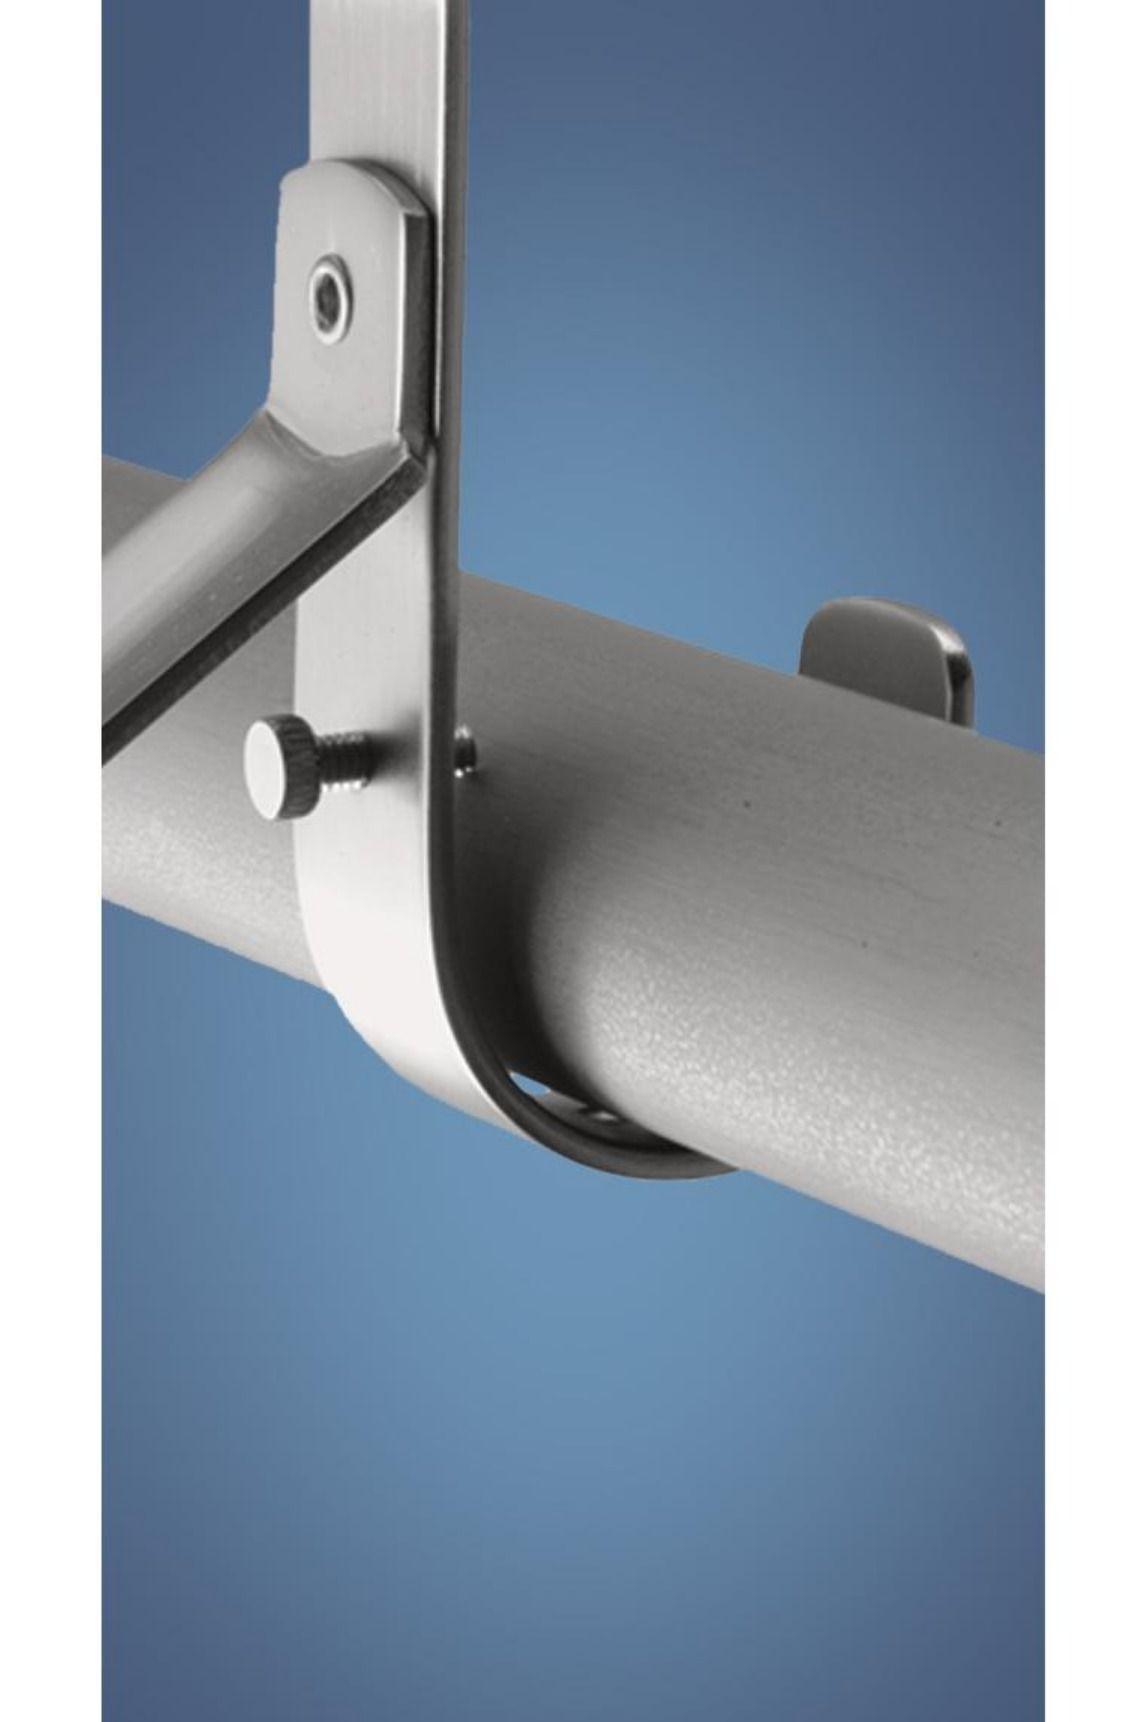 Lido Designs Lb 44 D103 4872 Deluxe Extend Lock Closet Rod Brushed Stainless By Lido Designs 22 00 Lido Designs Lb 44 Home Hardware Hardware Door Handles